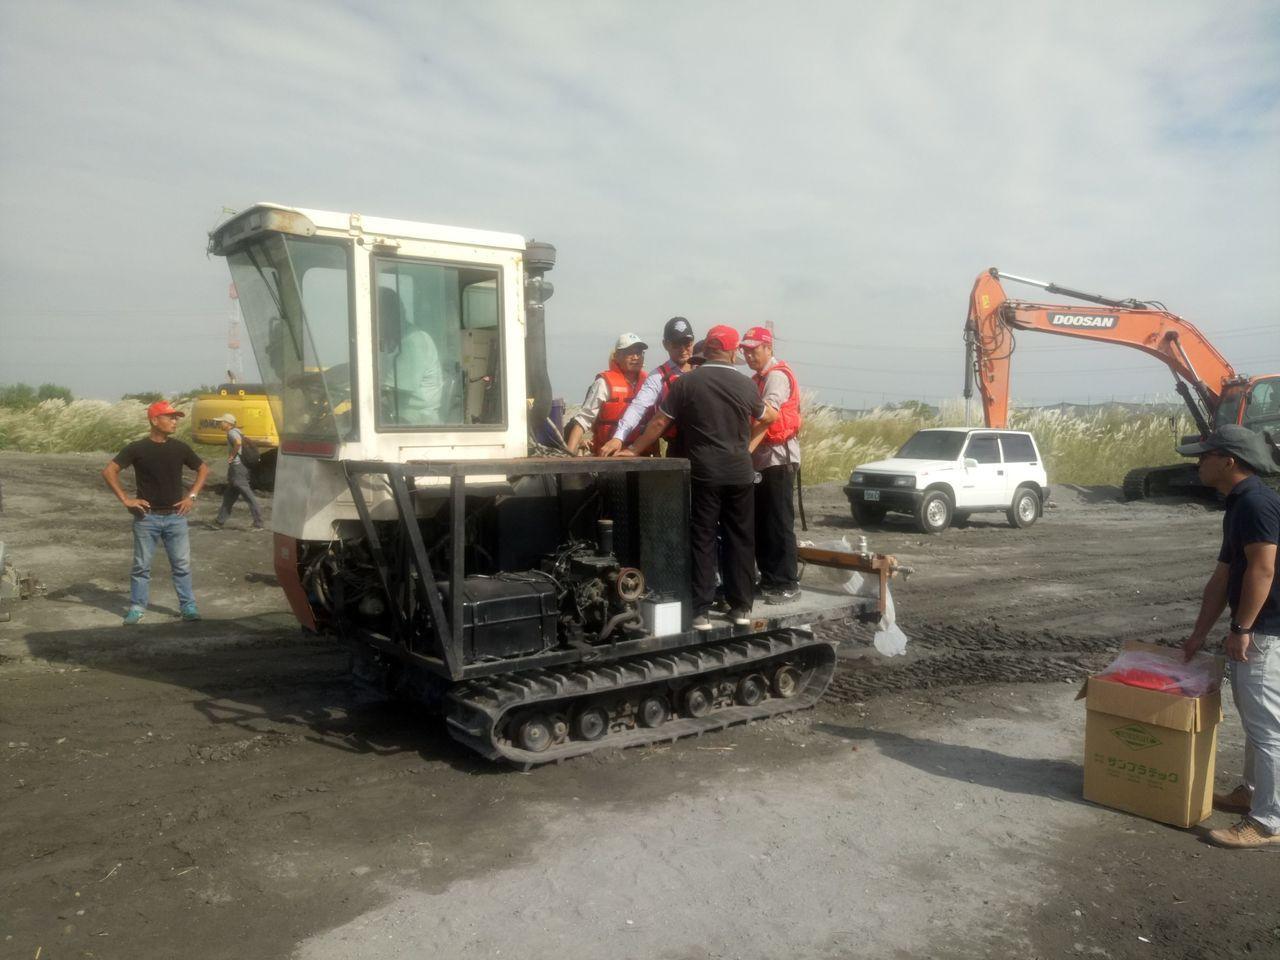 第四河川局調派人力,加緊平鋪式防塵網覆蓋,降低揚塵。圖/劉建國服務處提供